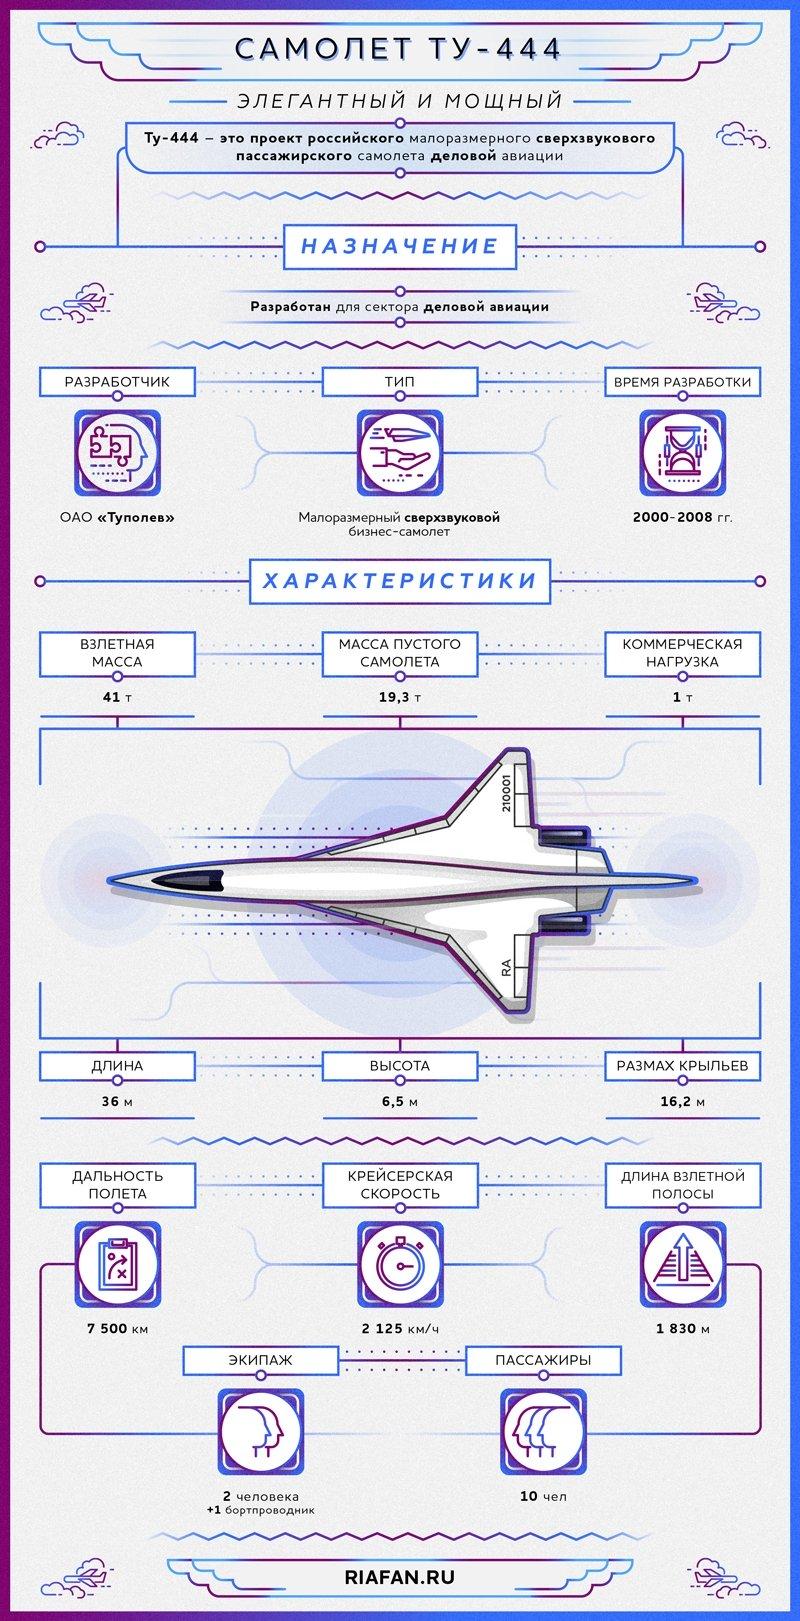 Самолет Ту-444 мощный и элегантный